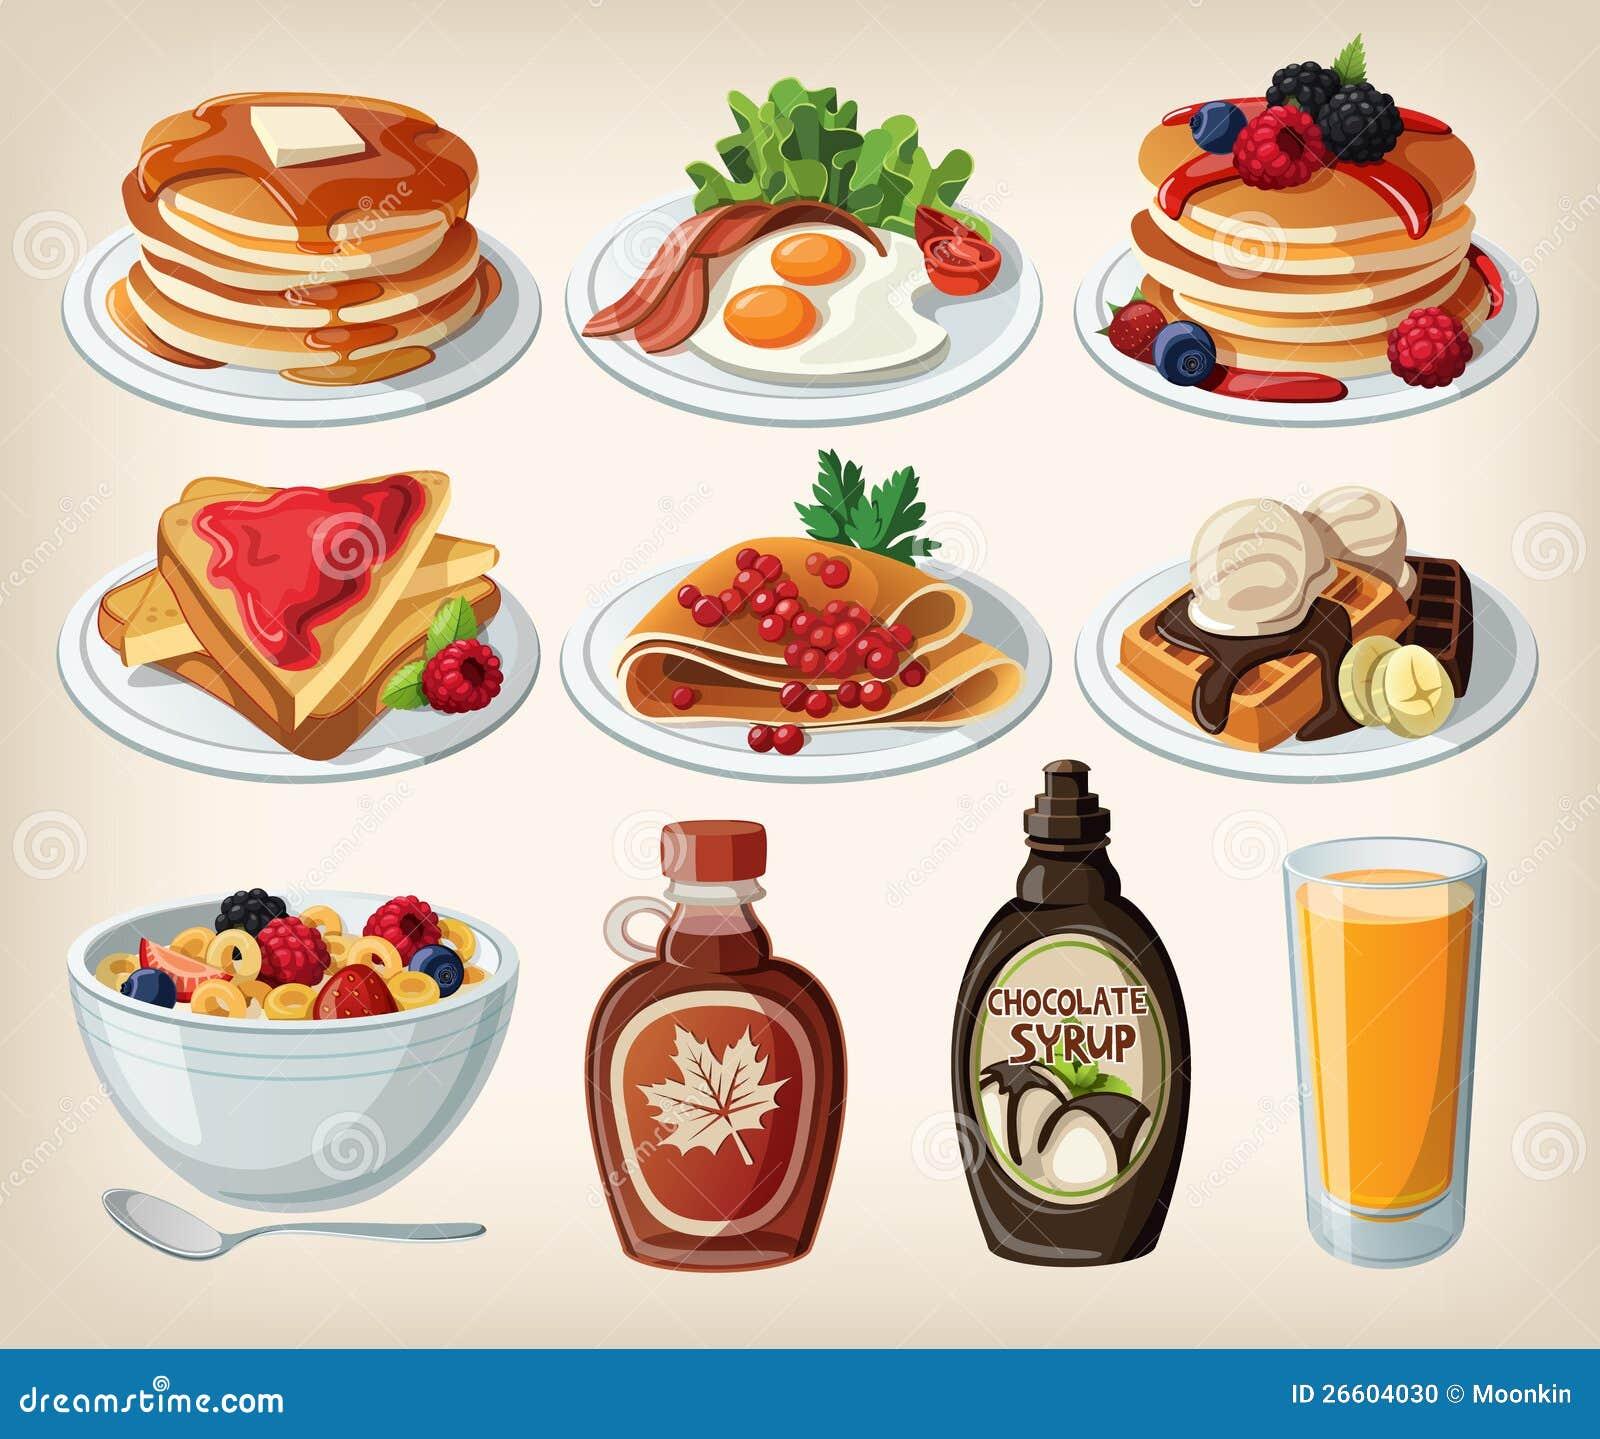 Le dessin animé classique de déjeuner a placé avec des crêpes, cerea